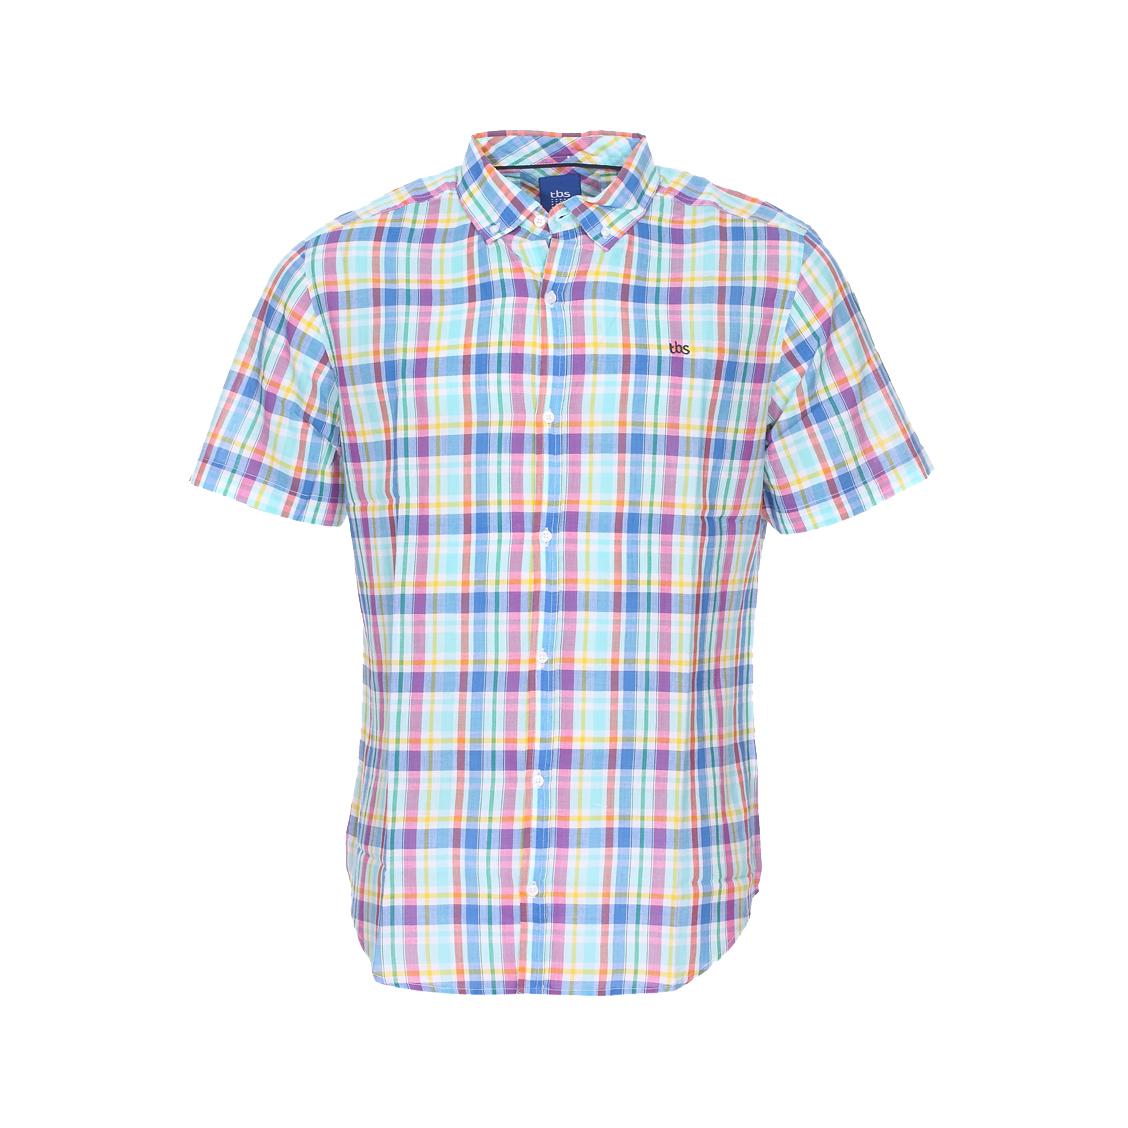 Chemise ajustée manches courtes  en coton léger à carreaux multicolores